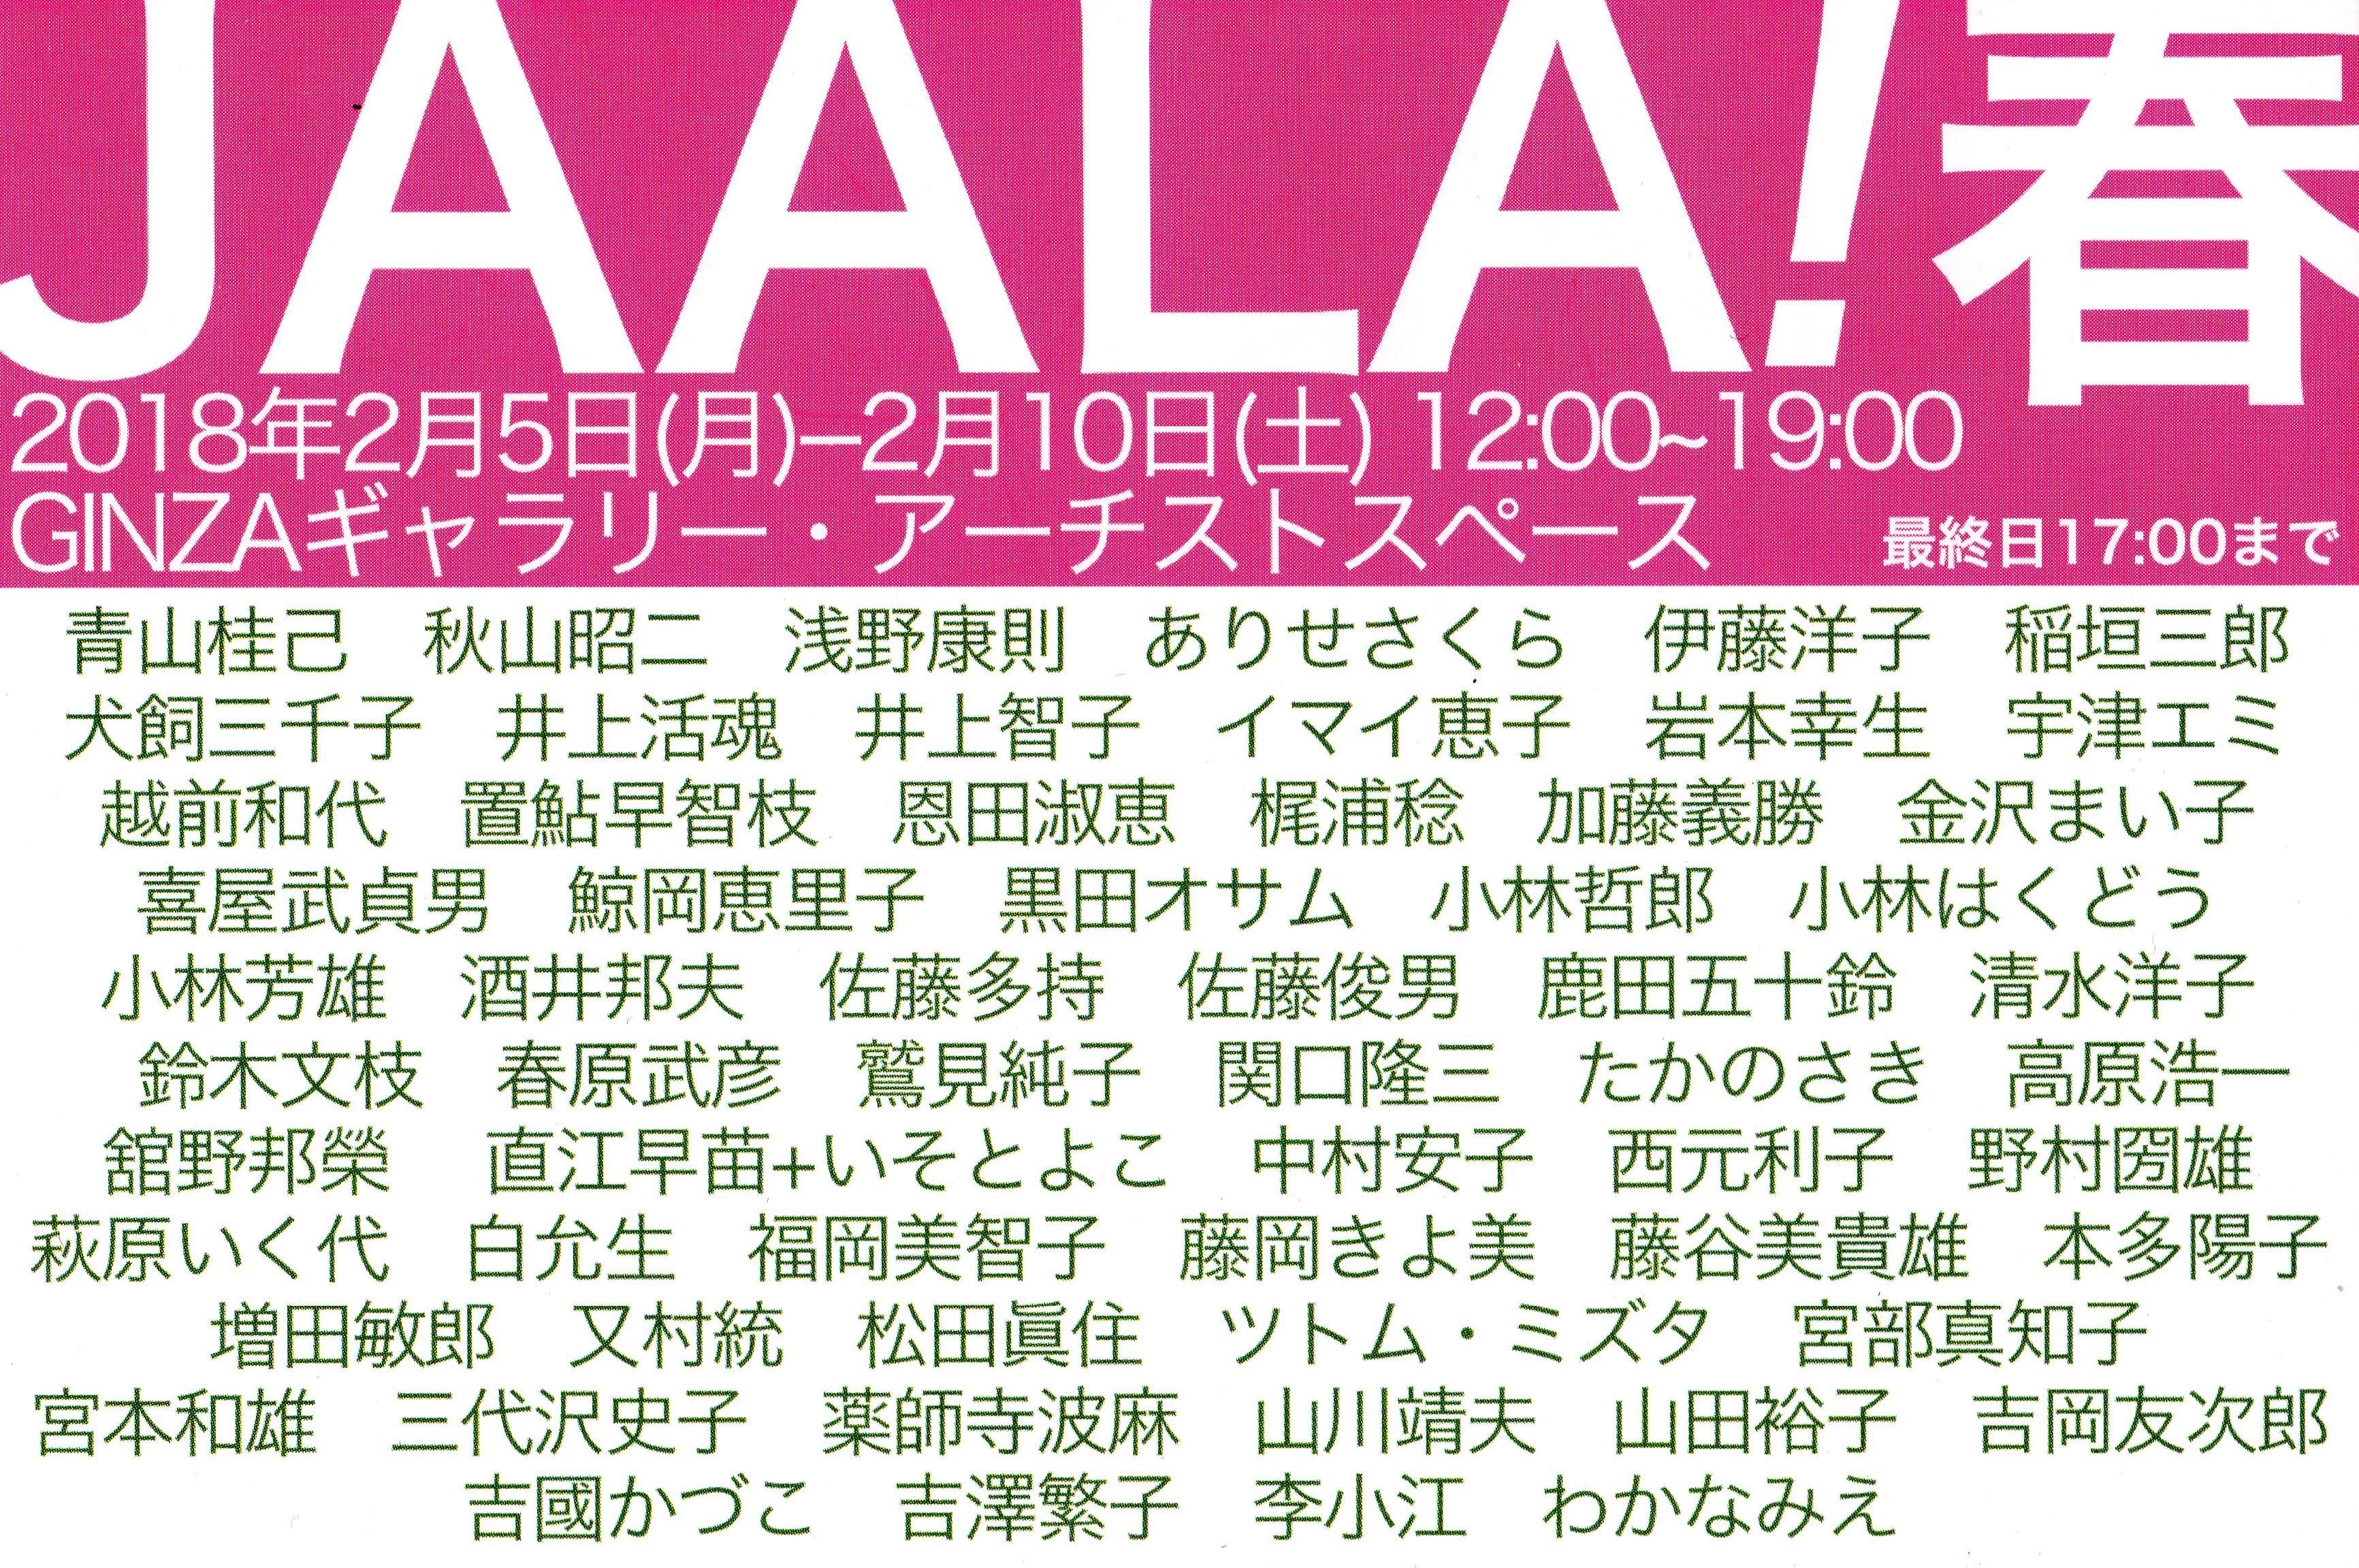 どこよりも自由な春。[JAALA 春 EXHIBITION-2018]。伊藤 洋子 も 美術展示。